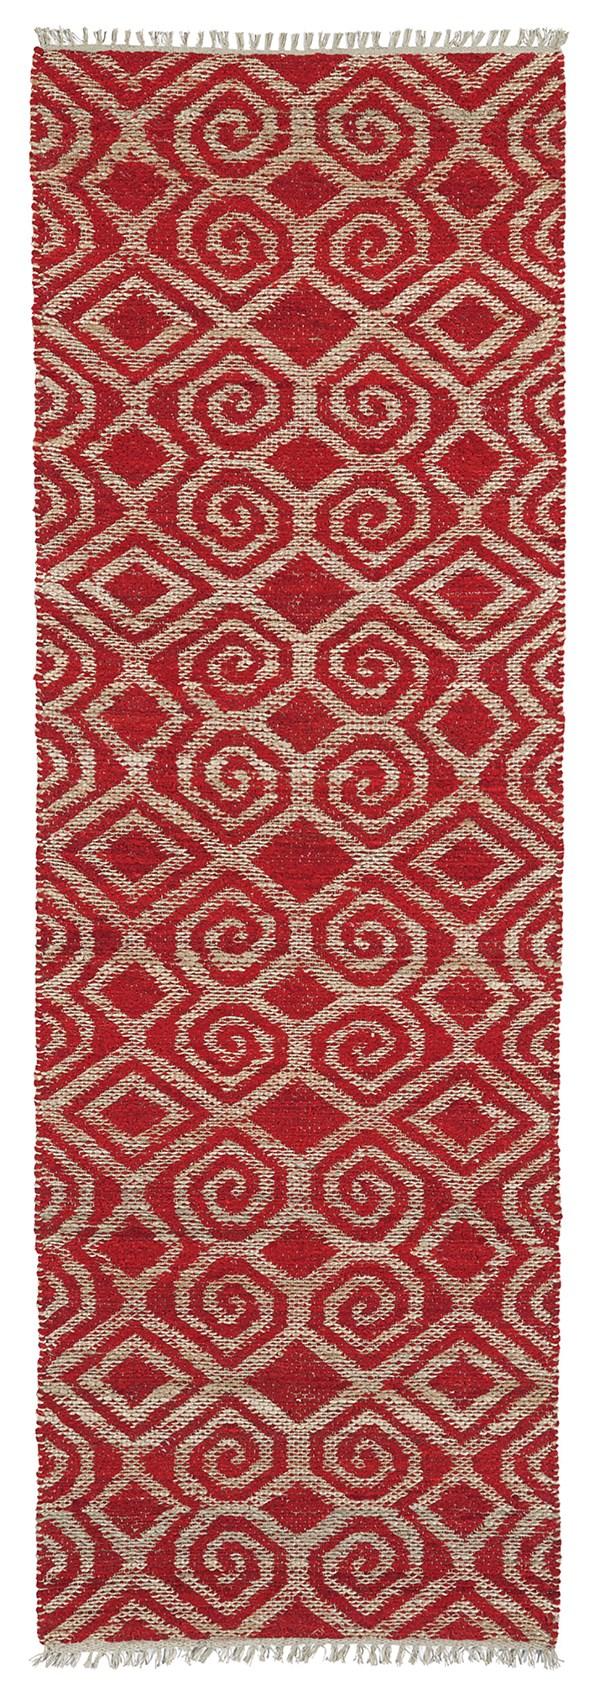 Red, Natural Fiber (25) Transitional Area Rug